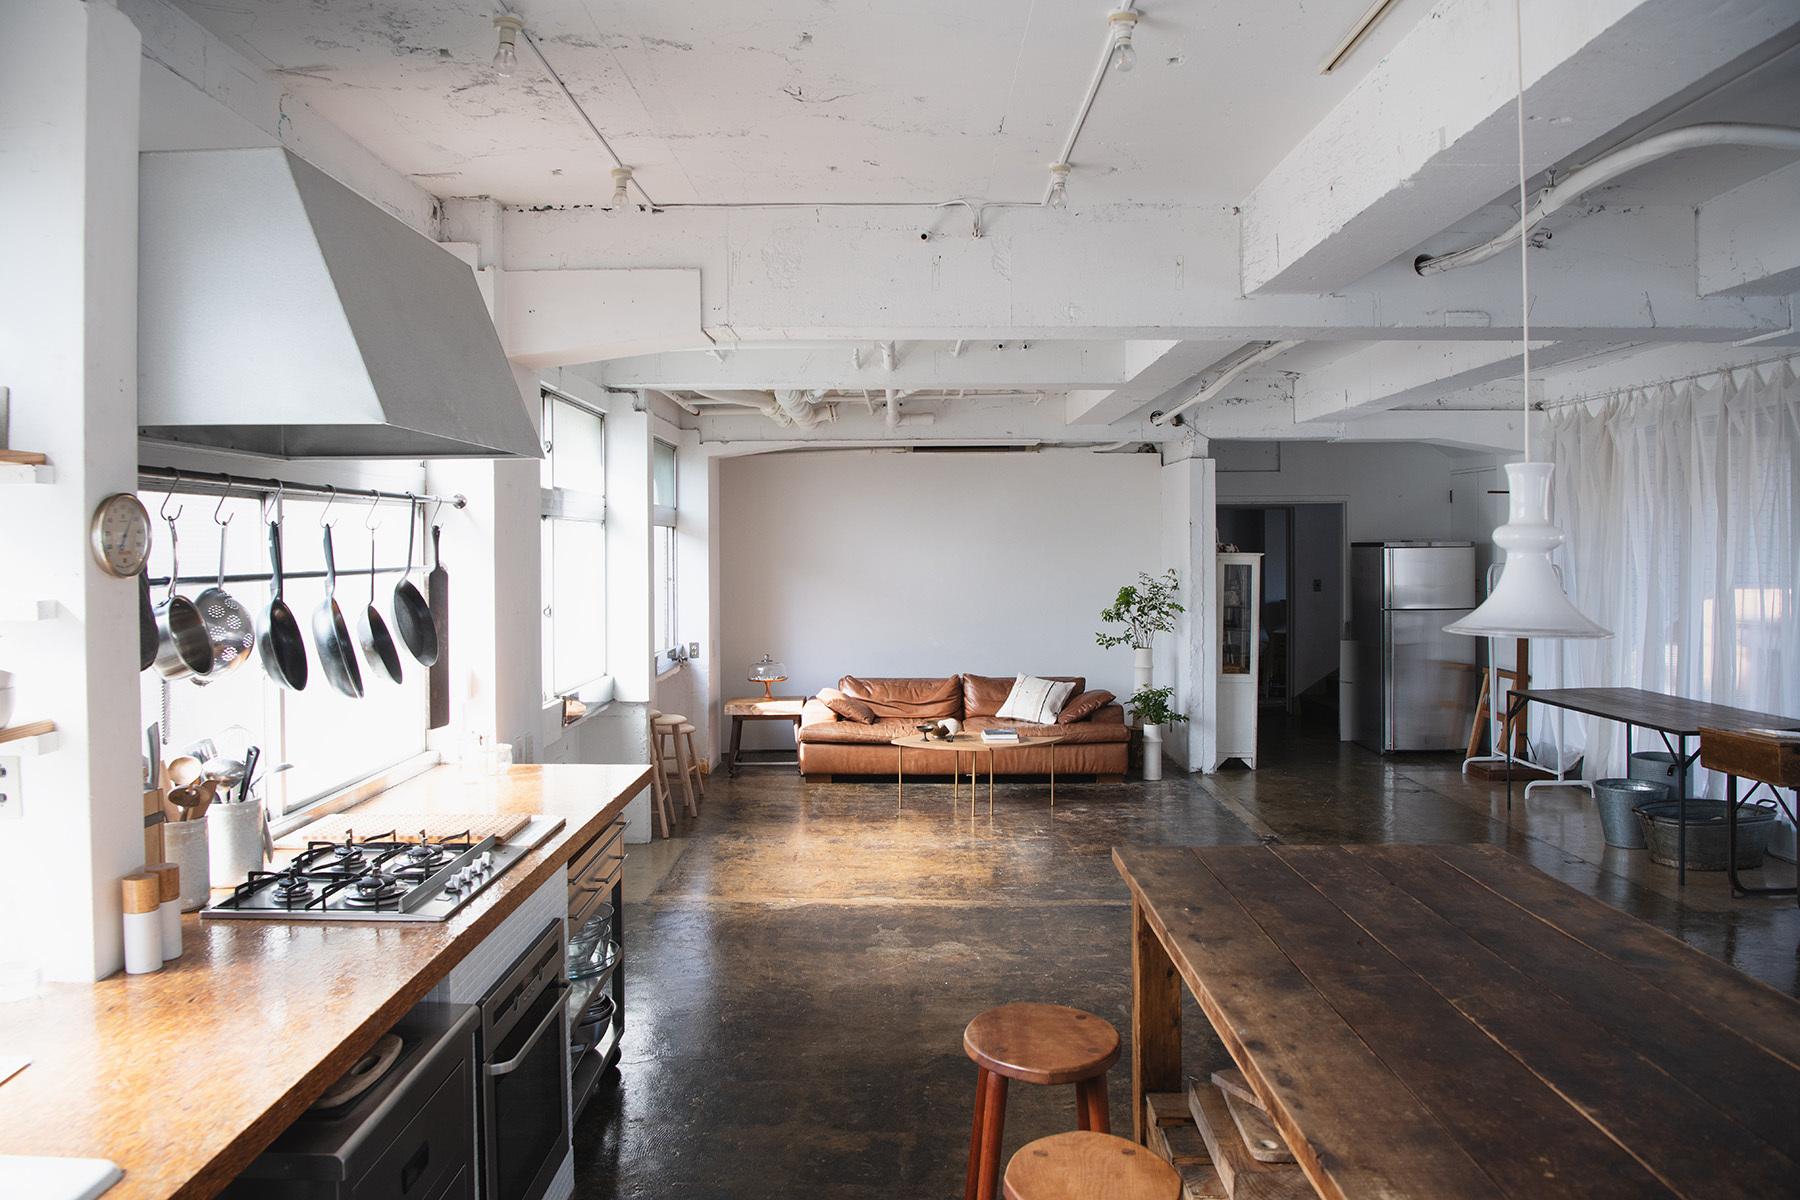 studio rue scipion  (スタジオ リュシピオン)キッチン正面の柔らかな光